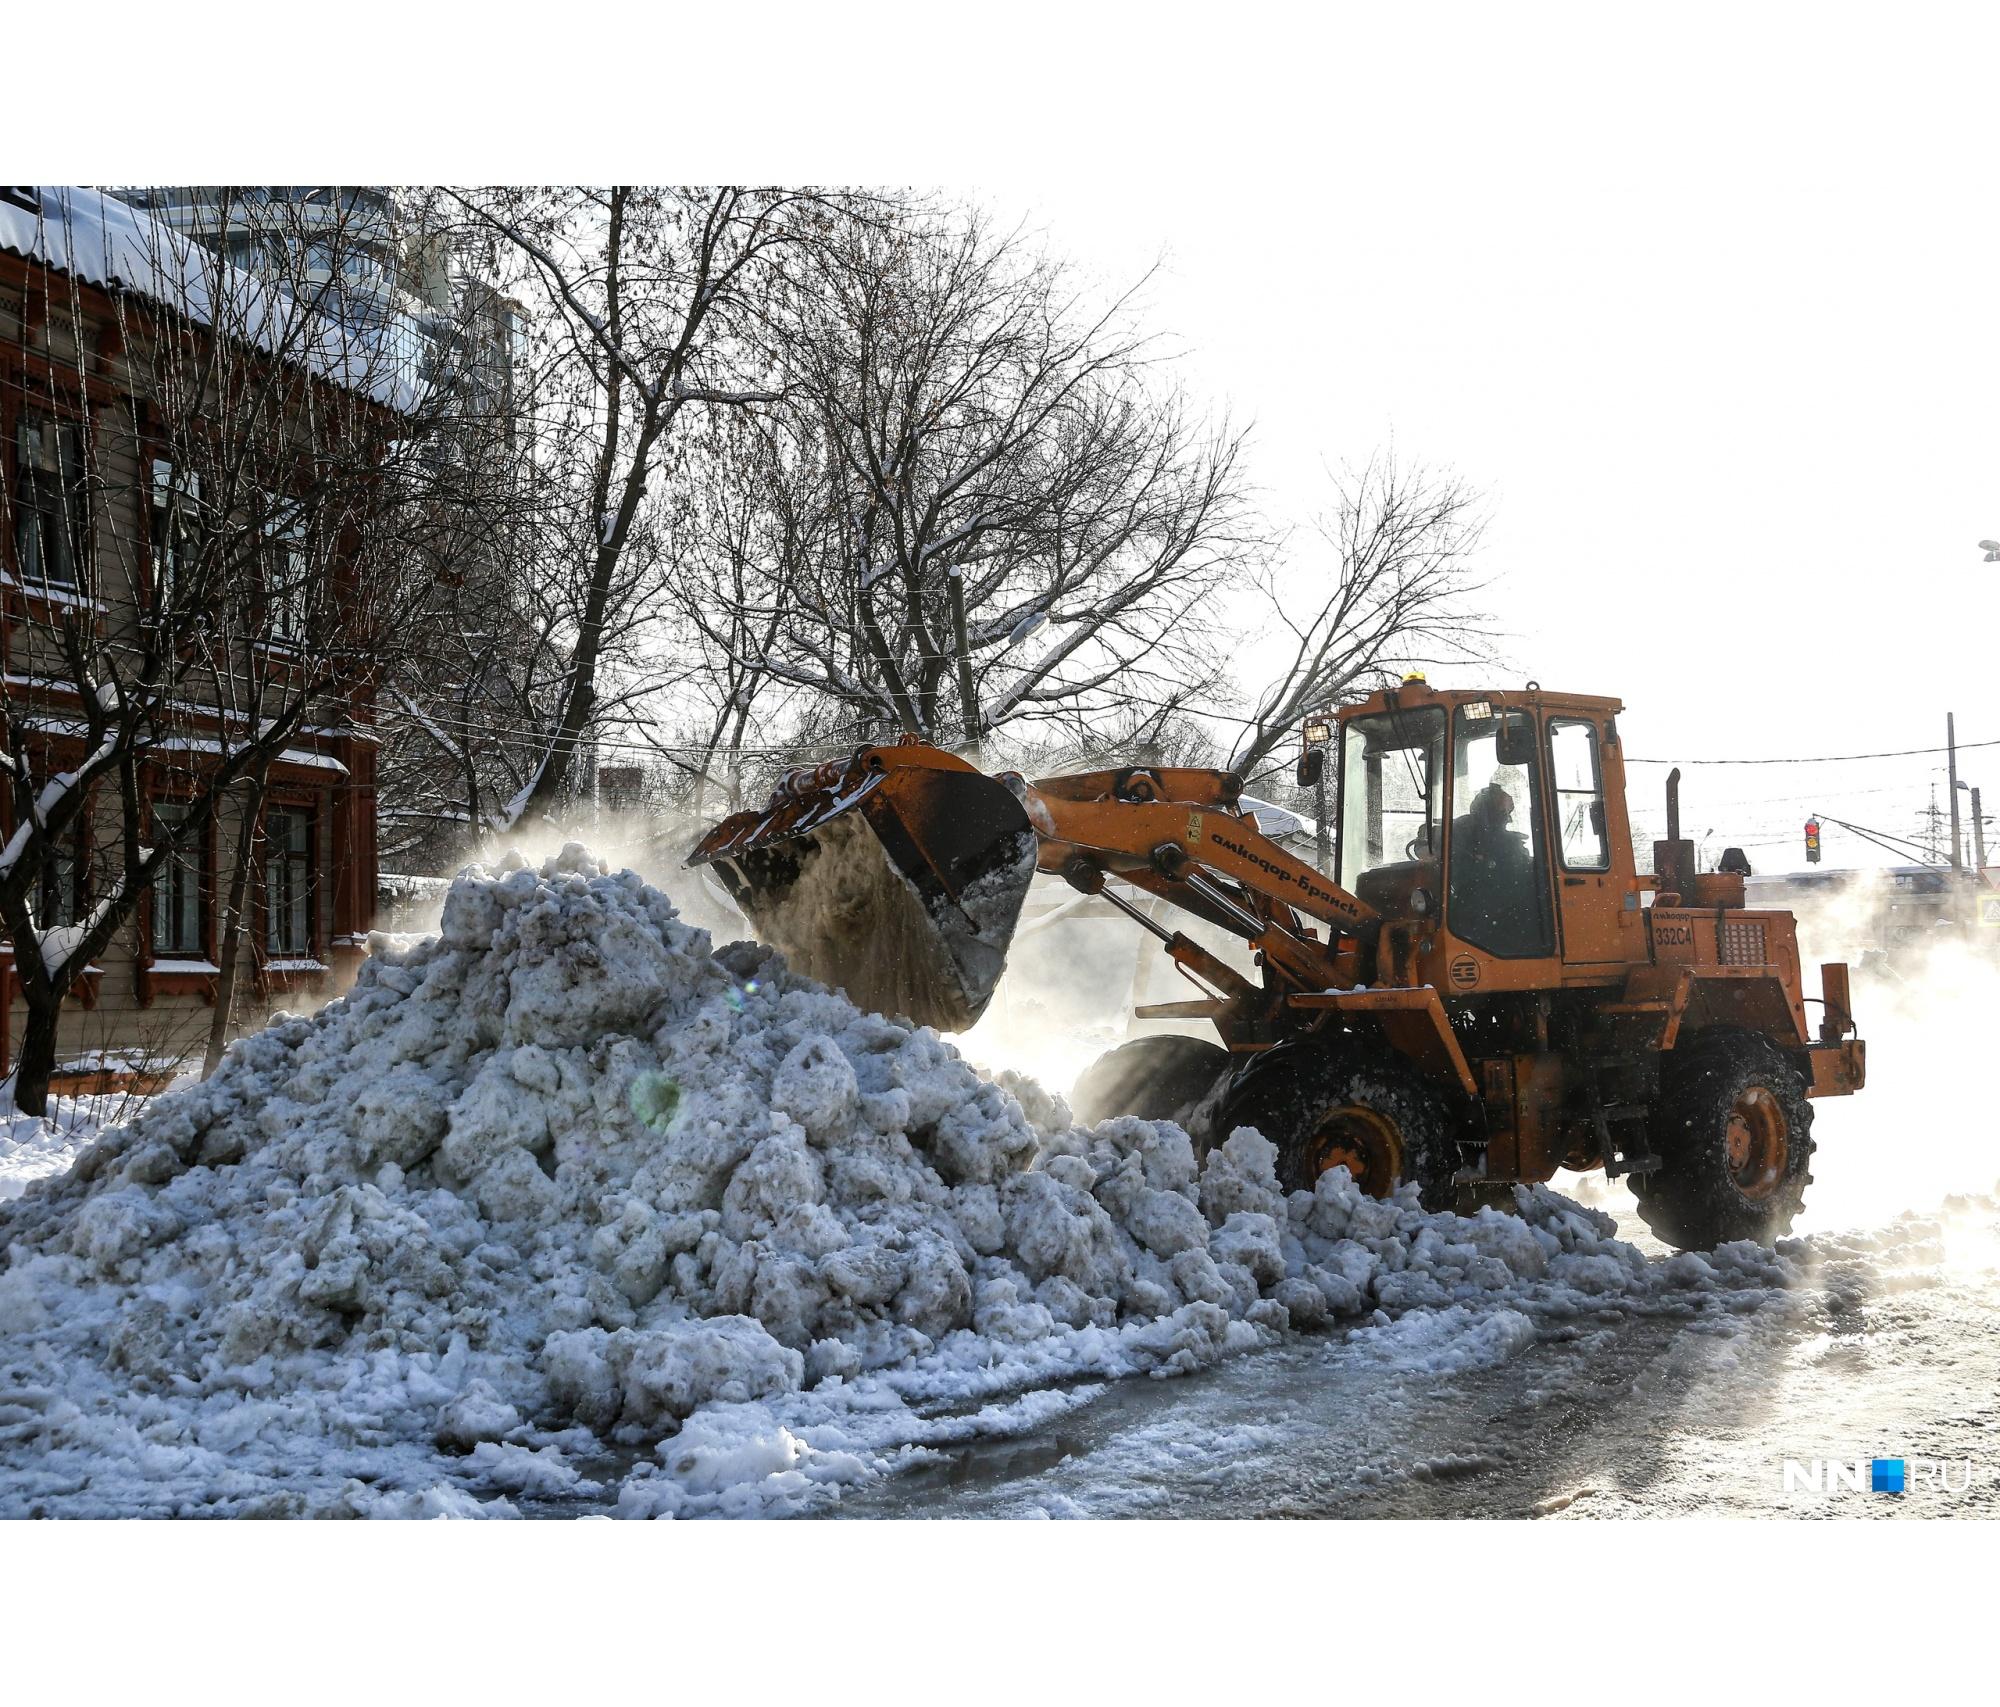 После прошедшего снегопада с улиц города вывезли еще далеко не весь снег, что здорово осложняло работу